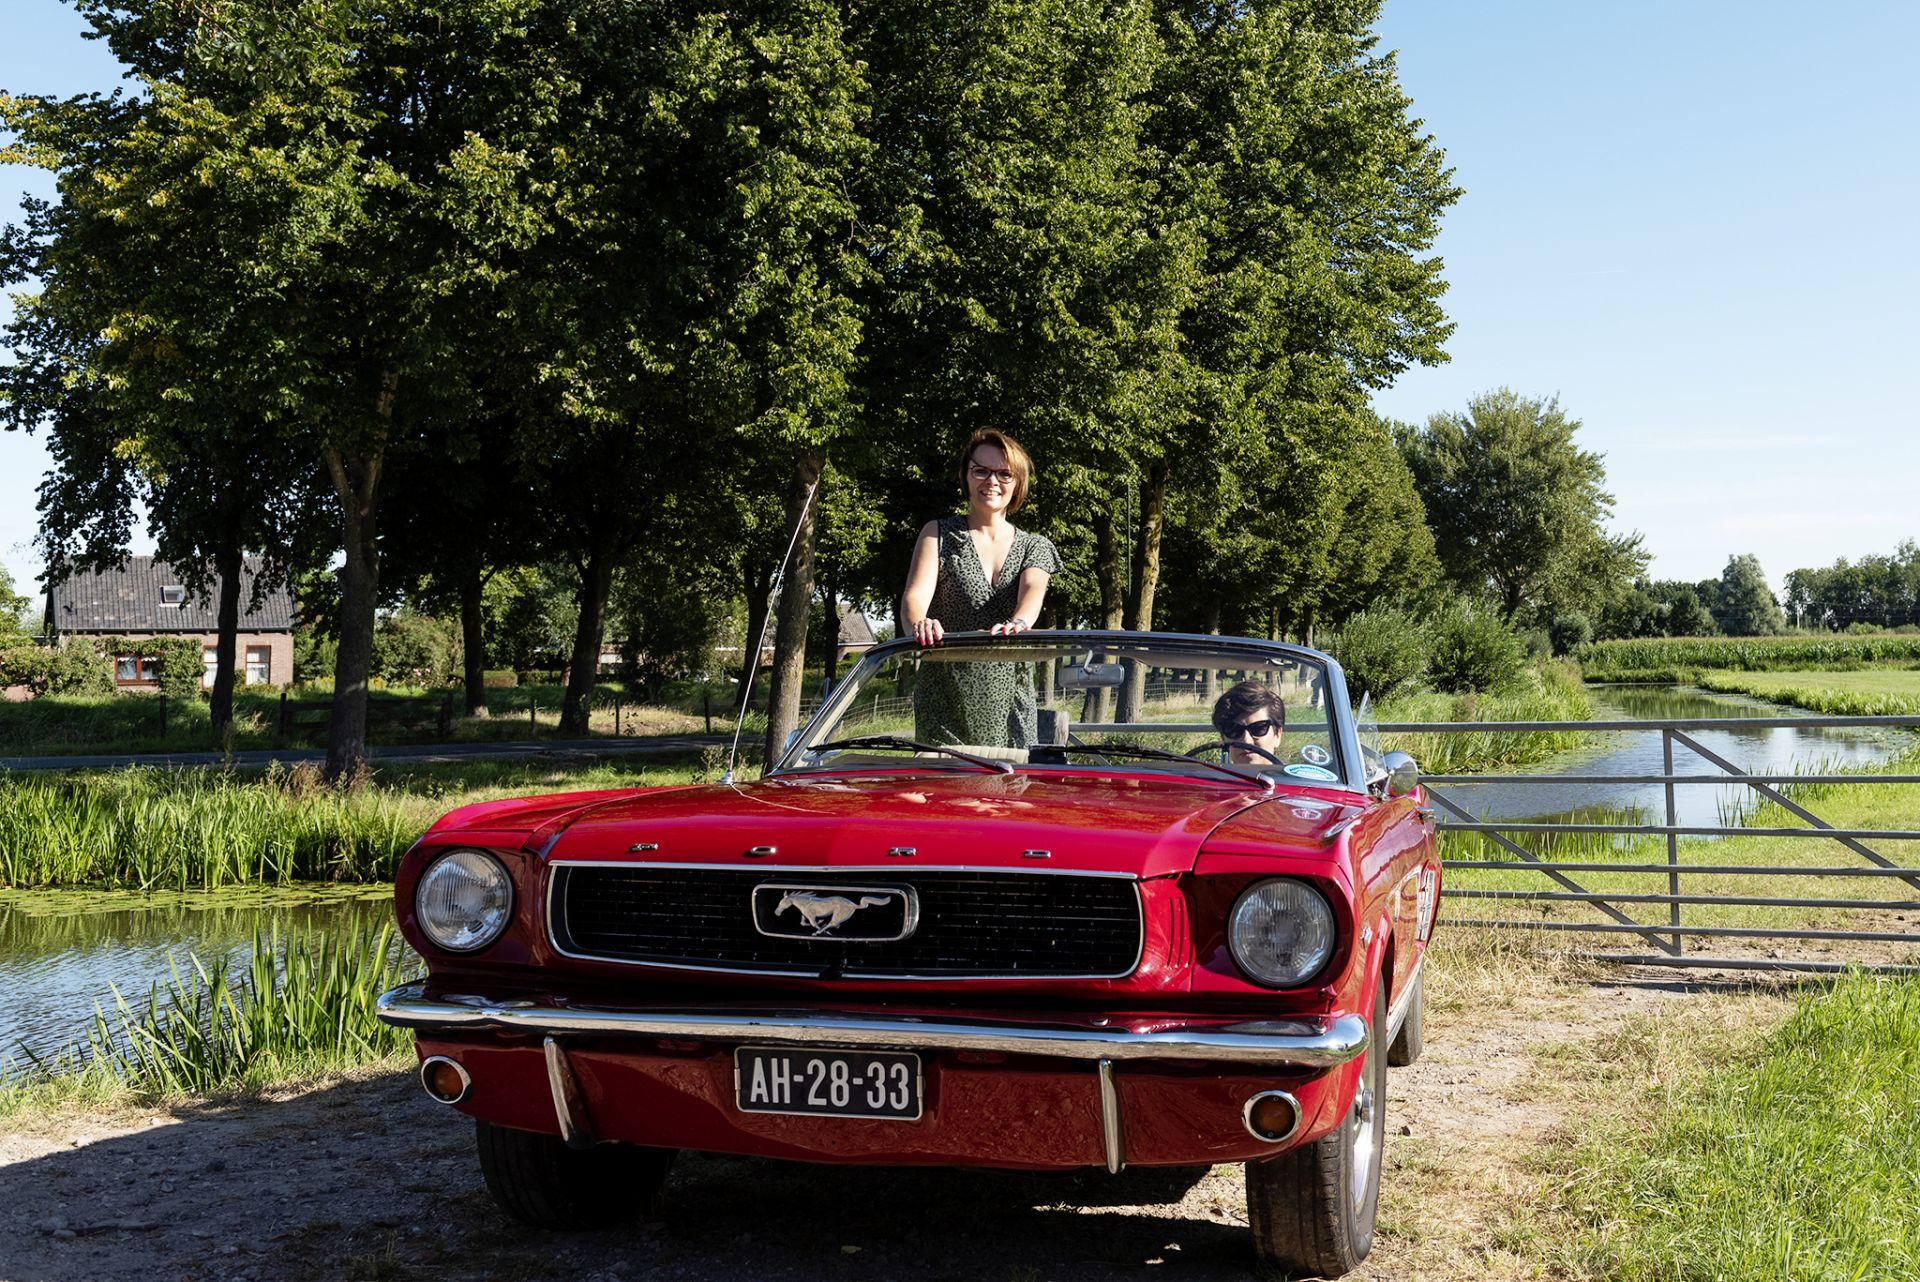 Het was Elsa's droom om een keer in een Ford Mustang cabrio te rijden en die droom is zeker uitgekomen.